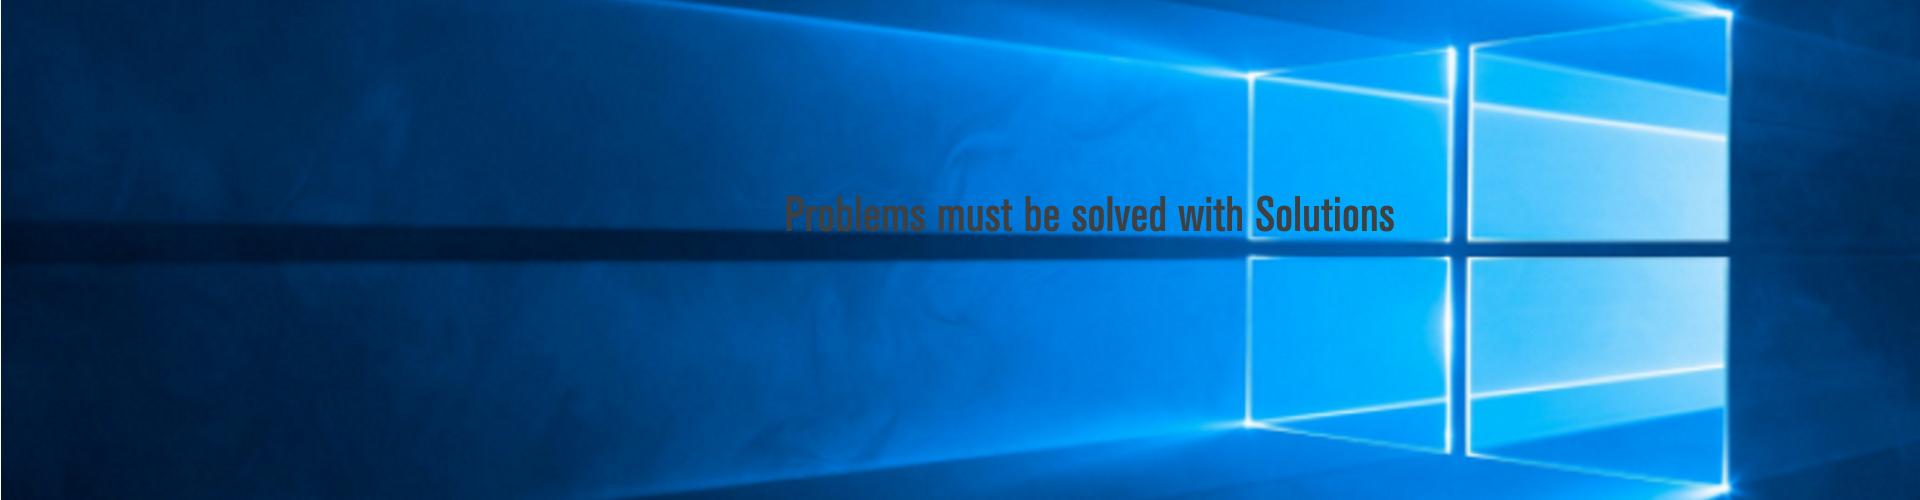 Slider_1920x500_bluewin